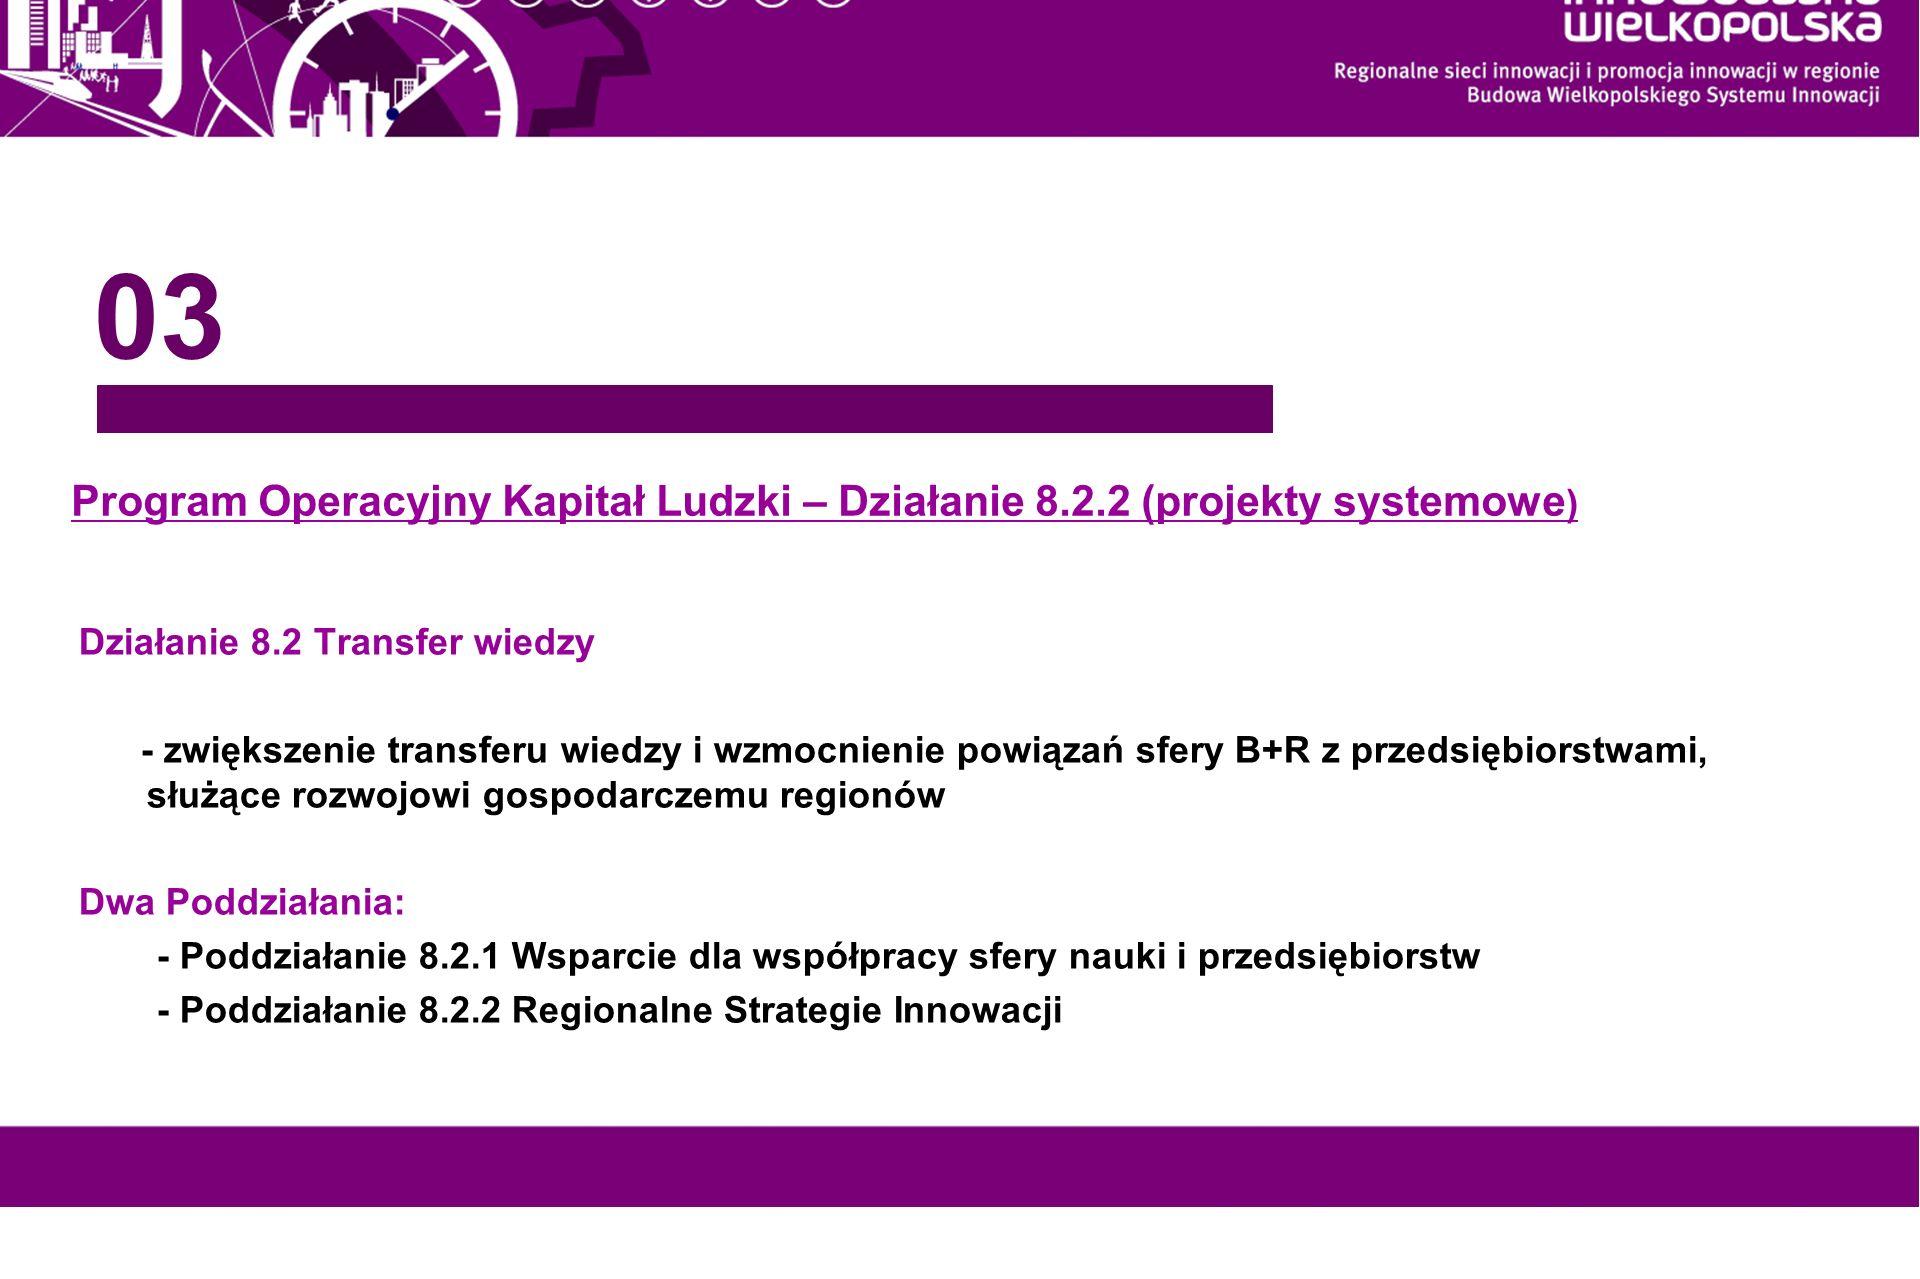 03 Program Operacyjny Kapitał Ludzki – Działanie 8.2.2 (projekty systemowe) Działanie 8.2 Transfer wiedzy.